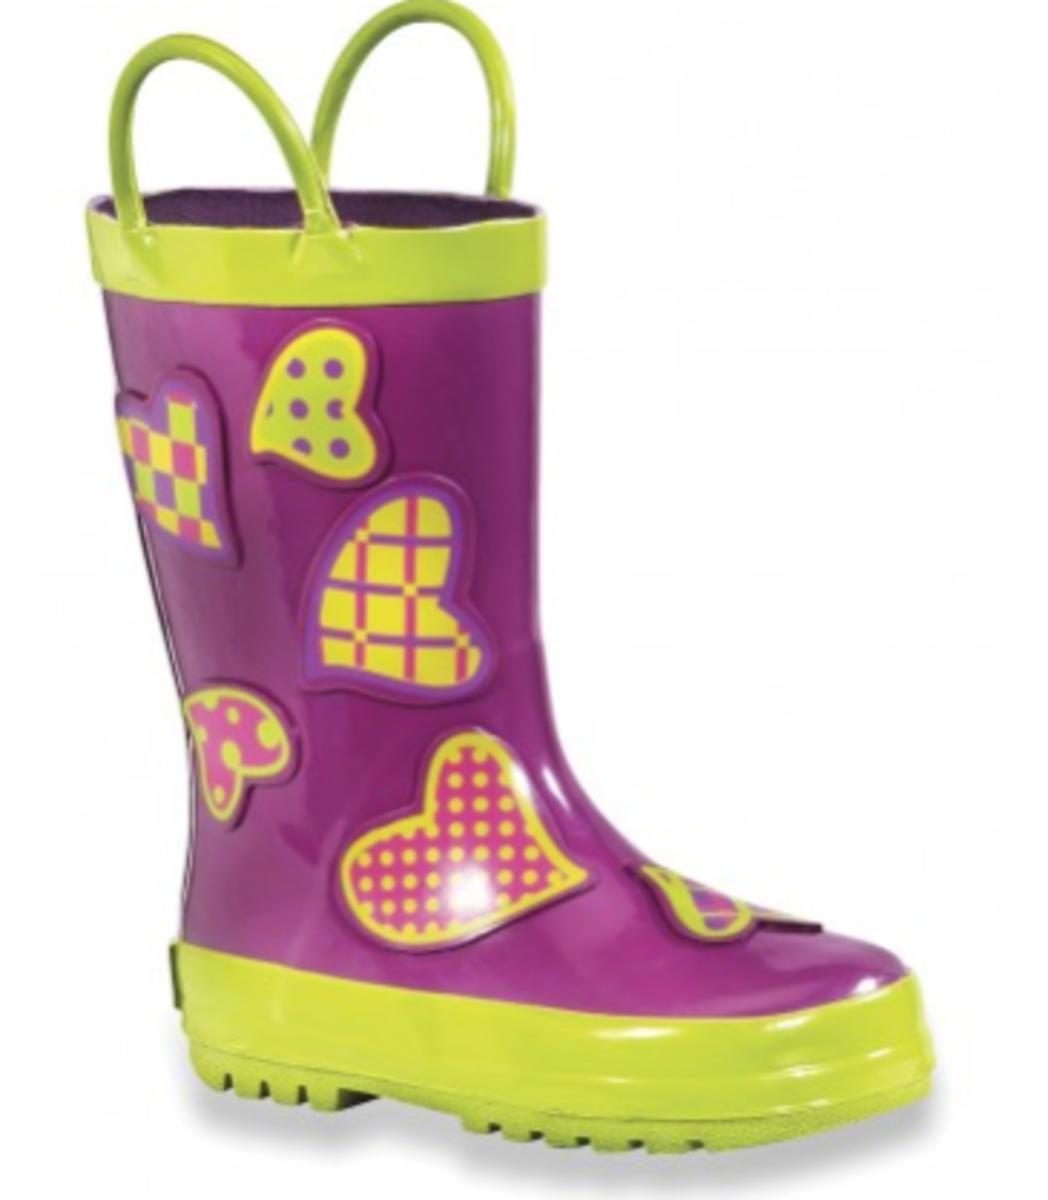 Winter Footwear from Kamik